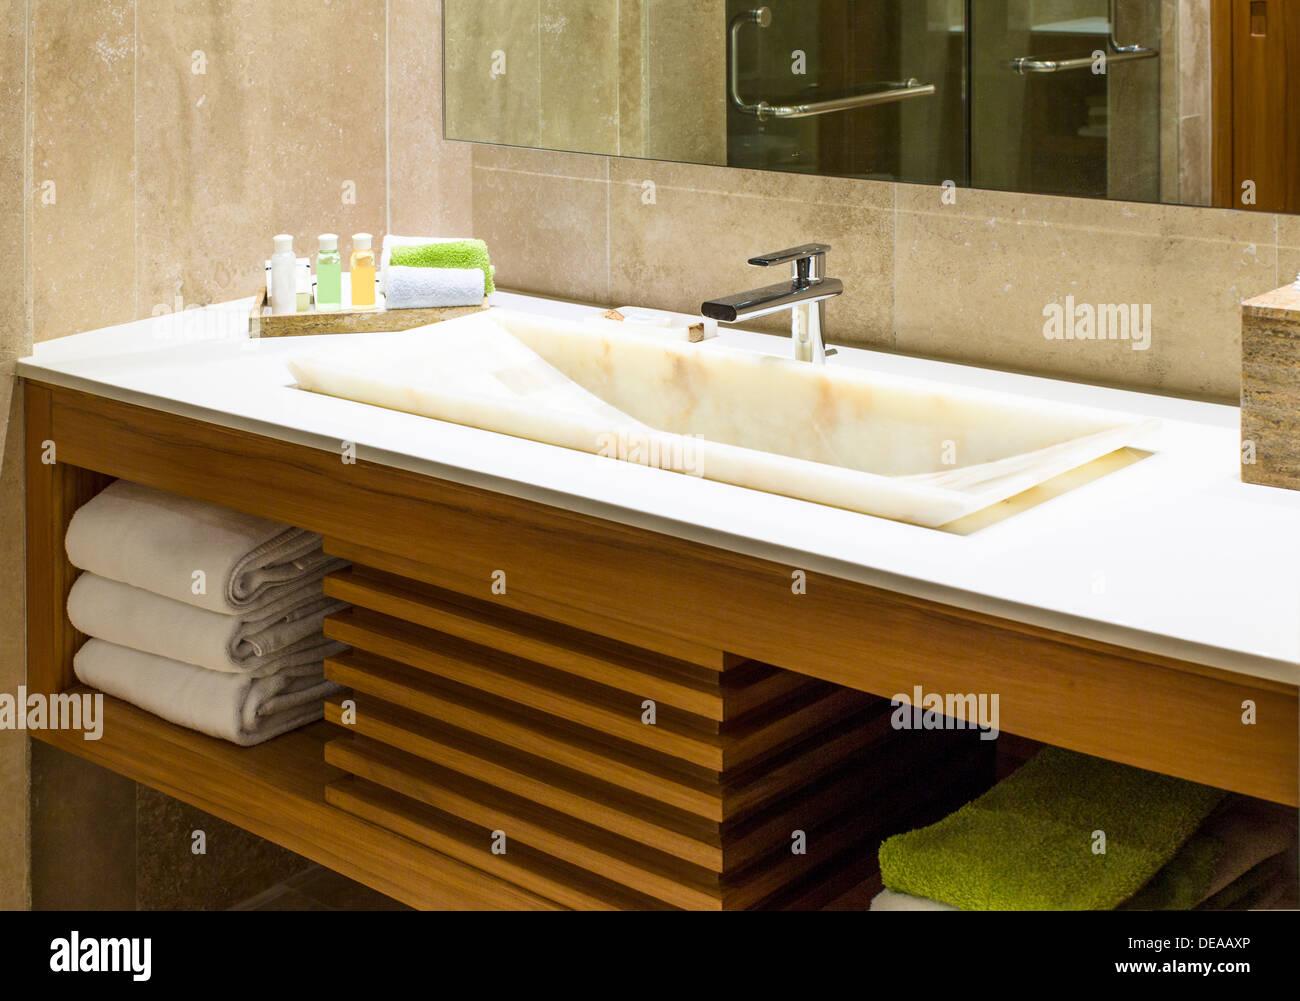 Moderne Marmor Waschbecken in eine Toilette oder Hotel Badezimmer ...